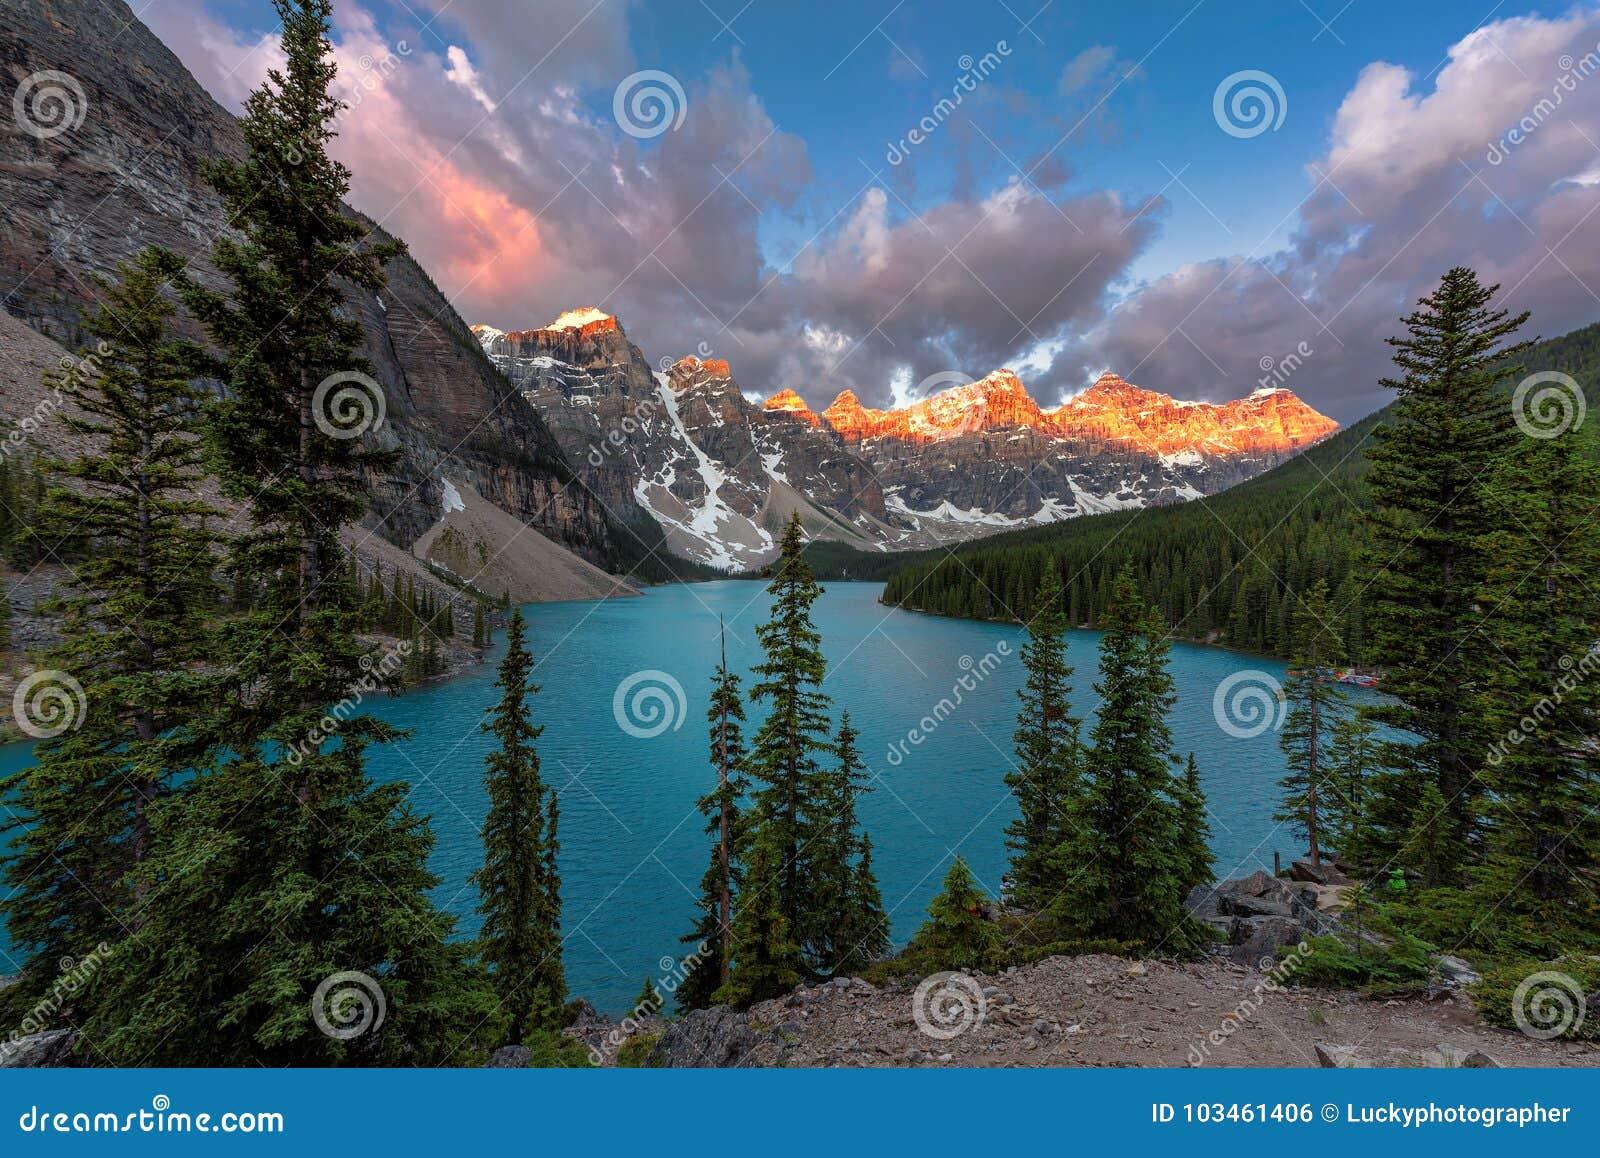 Het Meer van de morene in Banff Nationaal Park, Canada